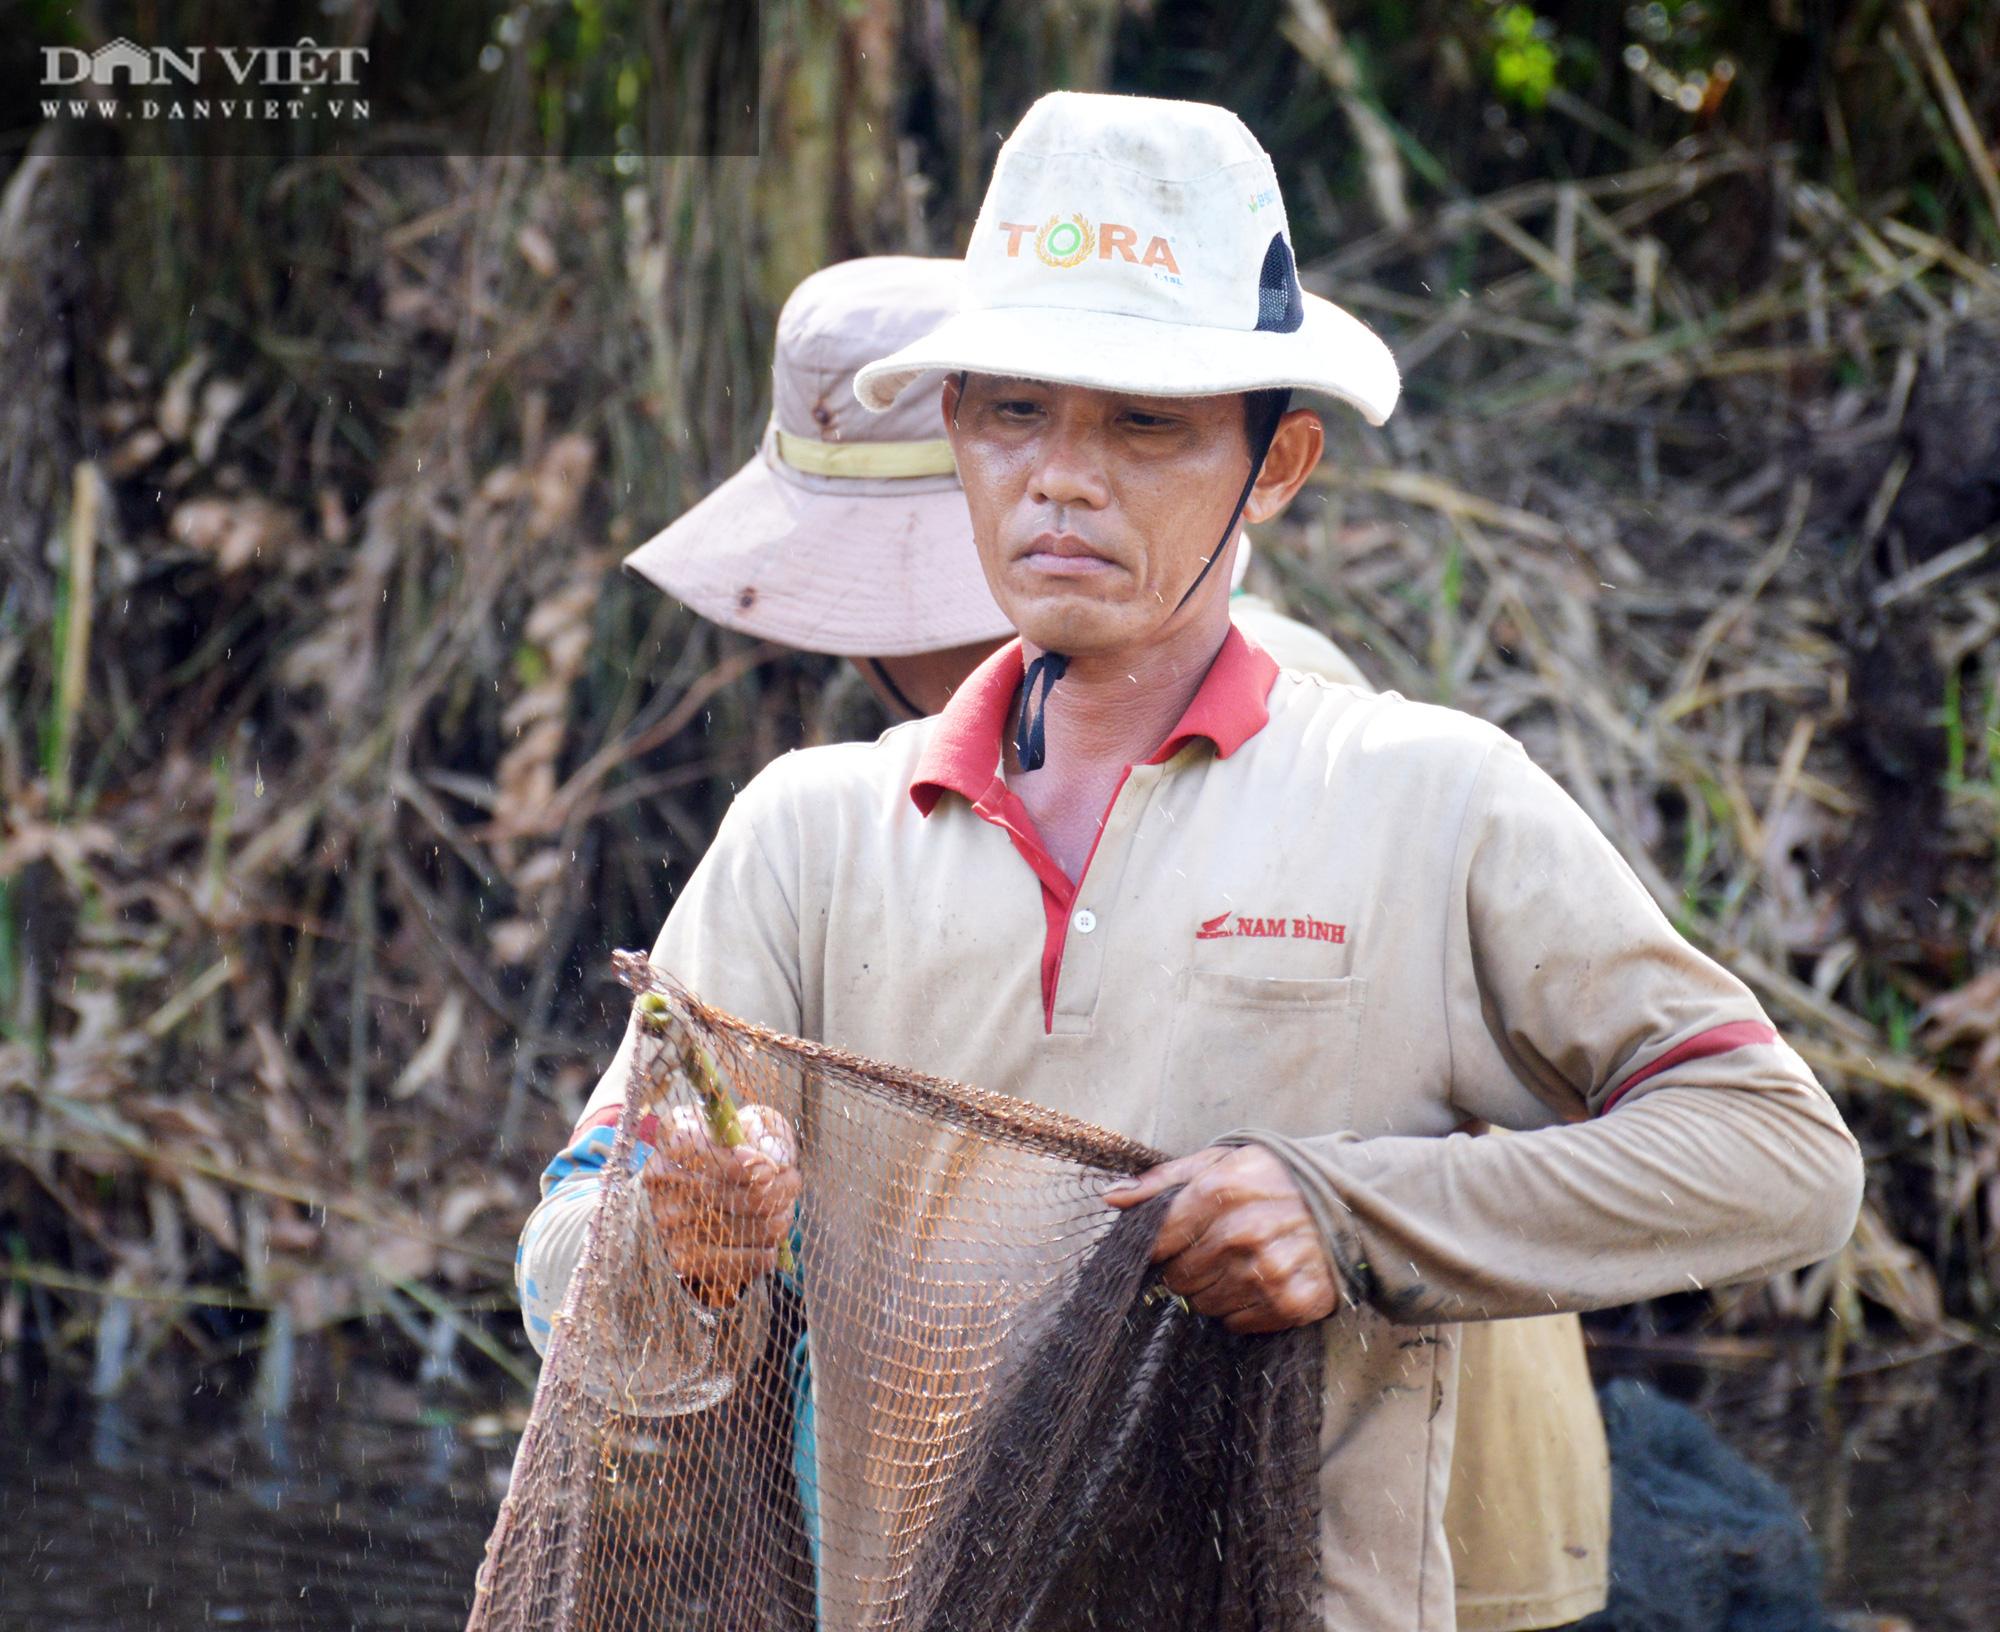 Về vườn quốc gia U Minh Hạ mục sở thị cảnh chụp đìa bắt hàng trăm kg cá đồng - Ảnh 7.